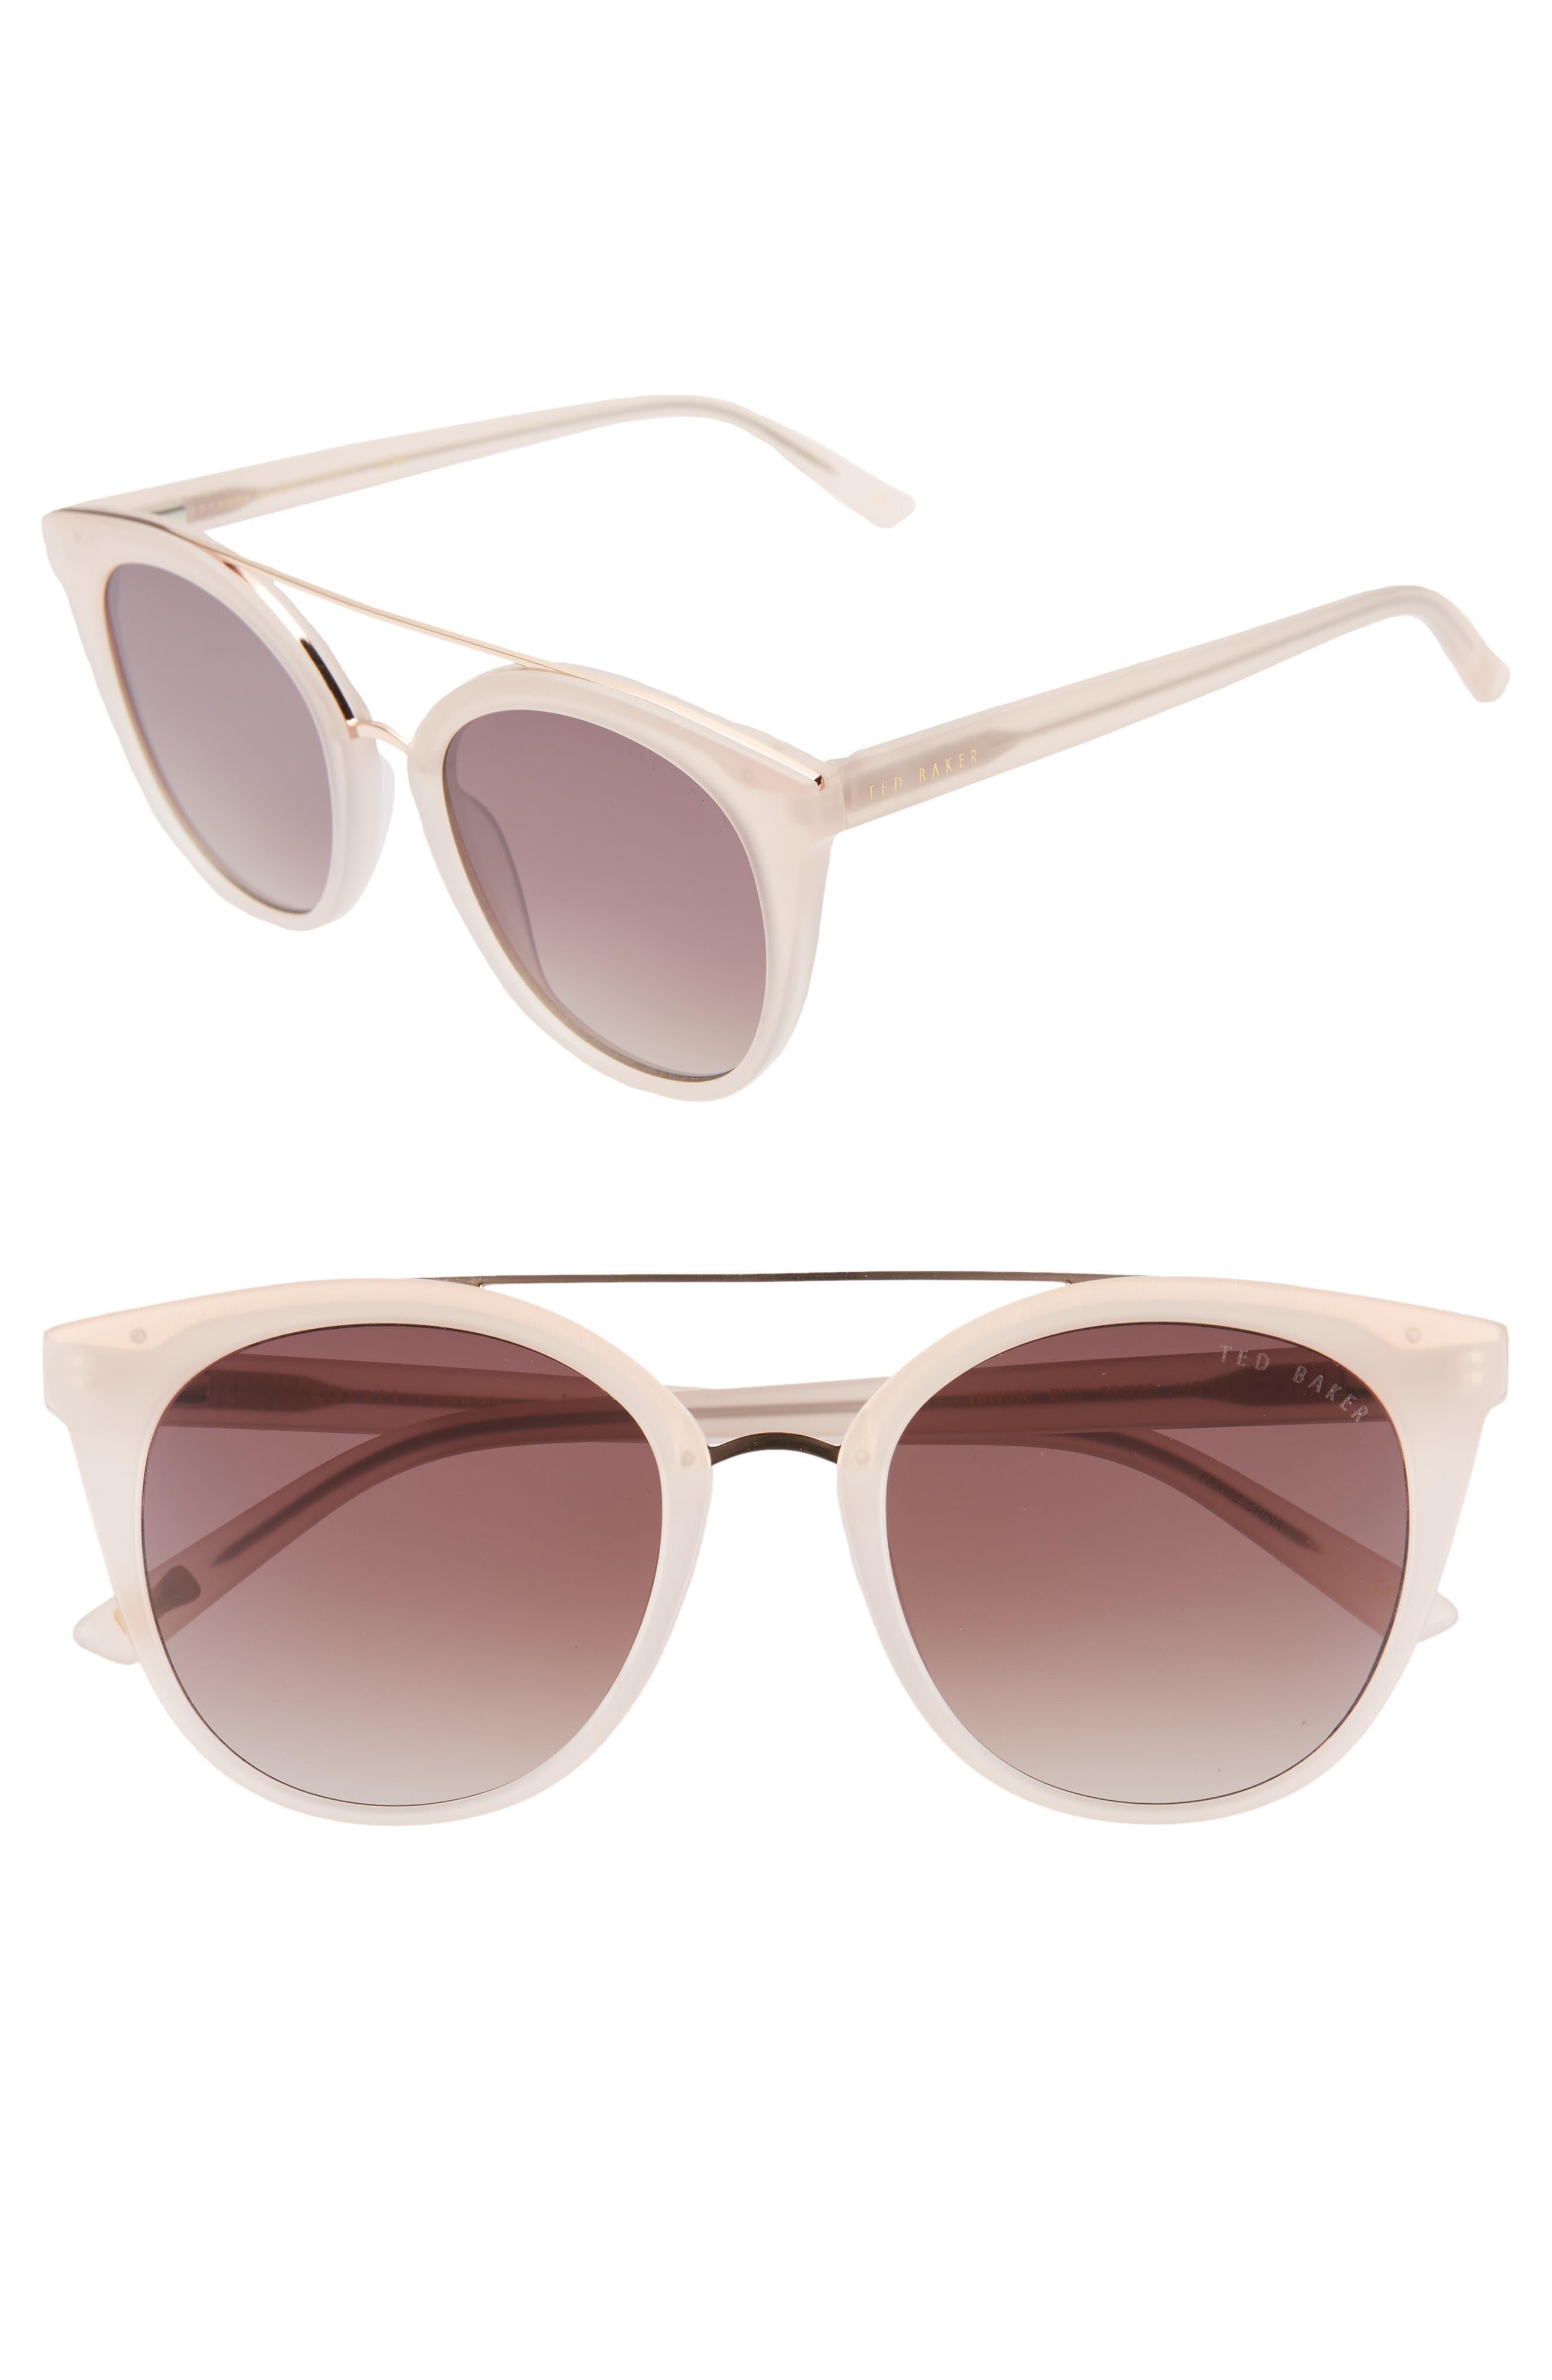 8788a6e63 Ted Baker London Sunglasses for Women